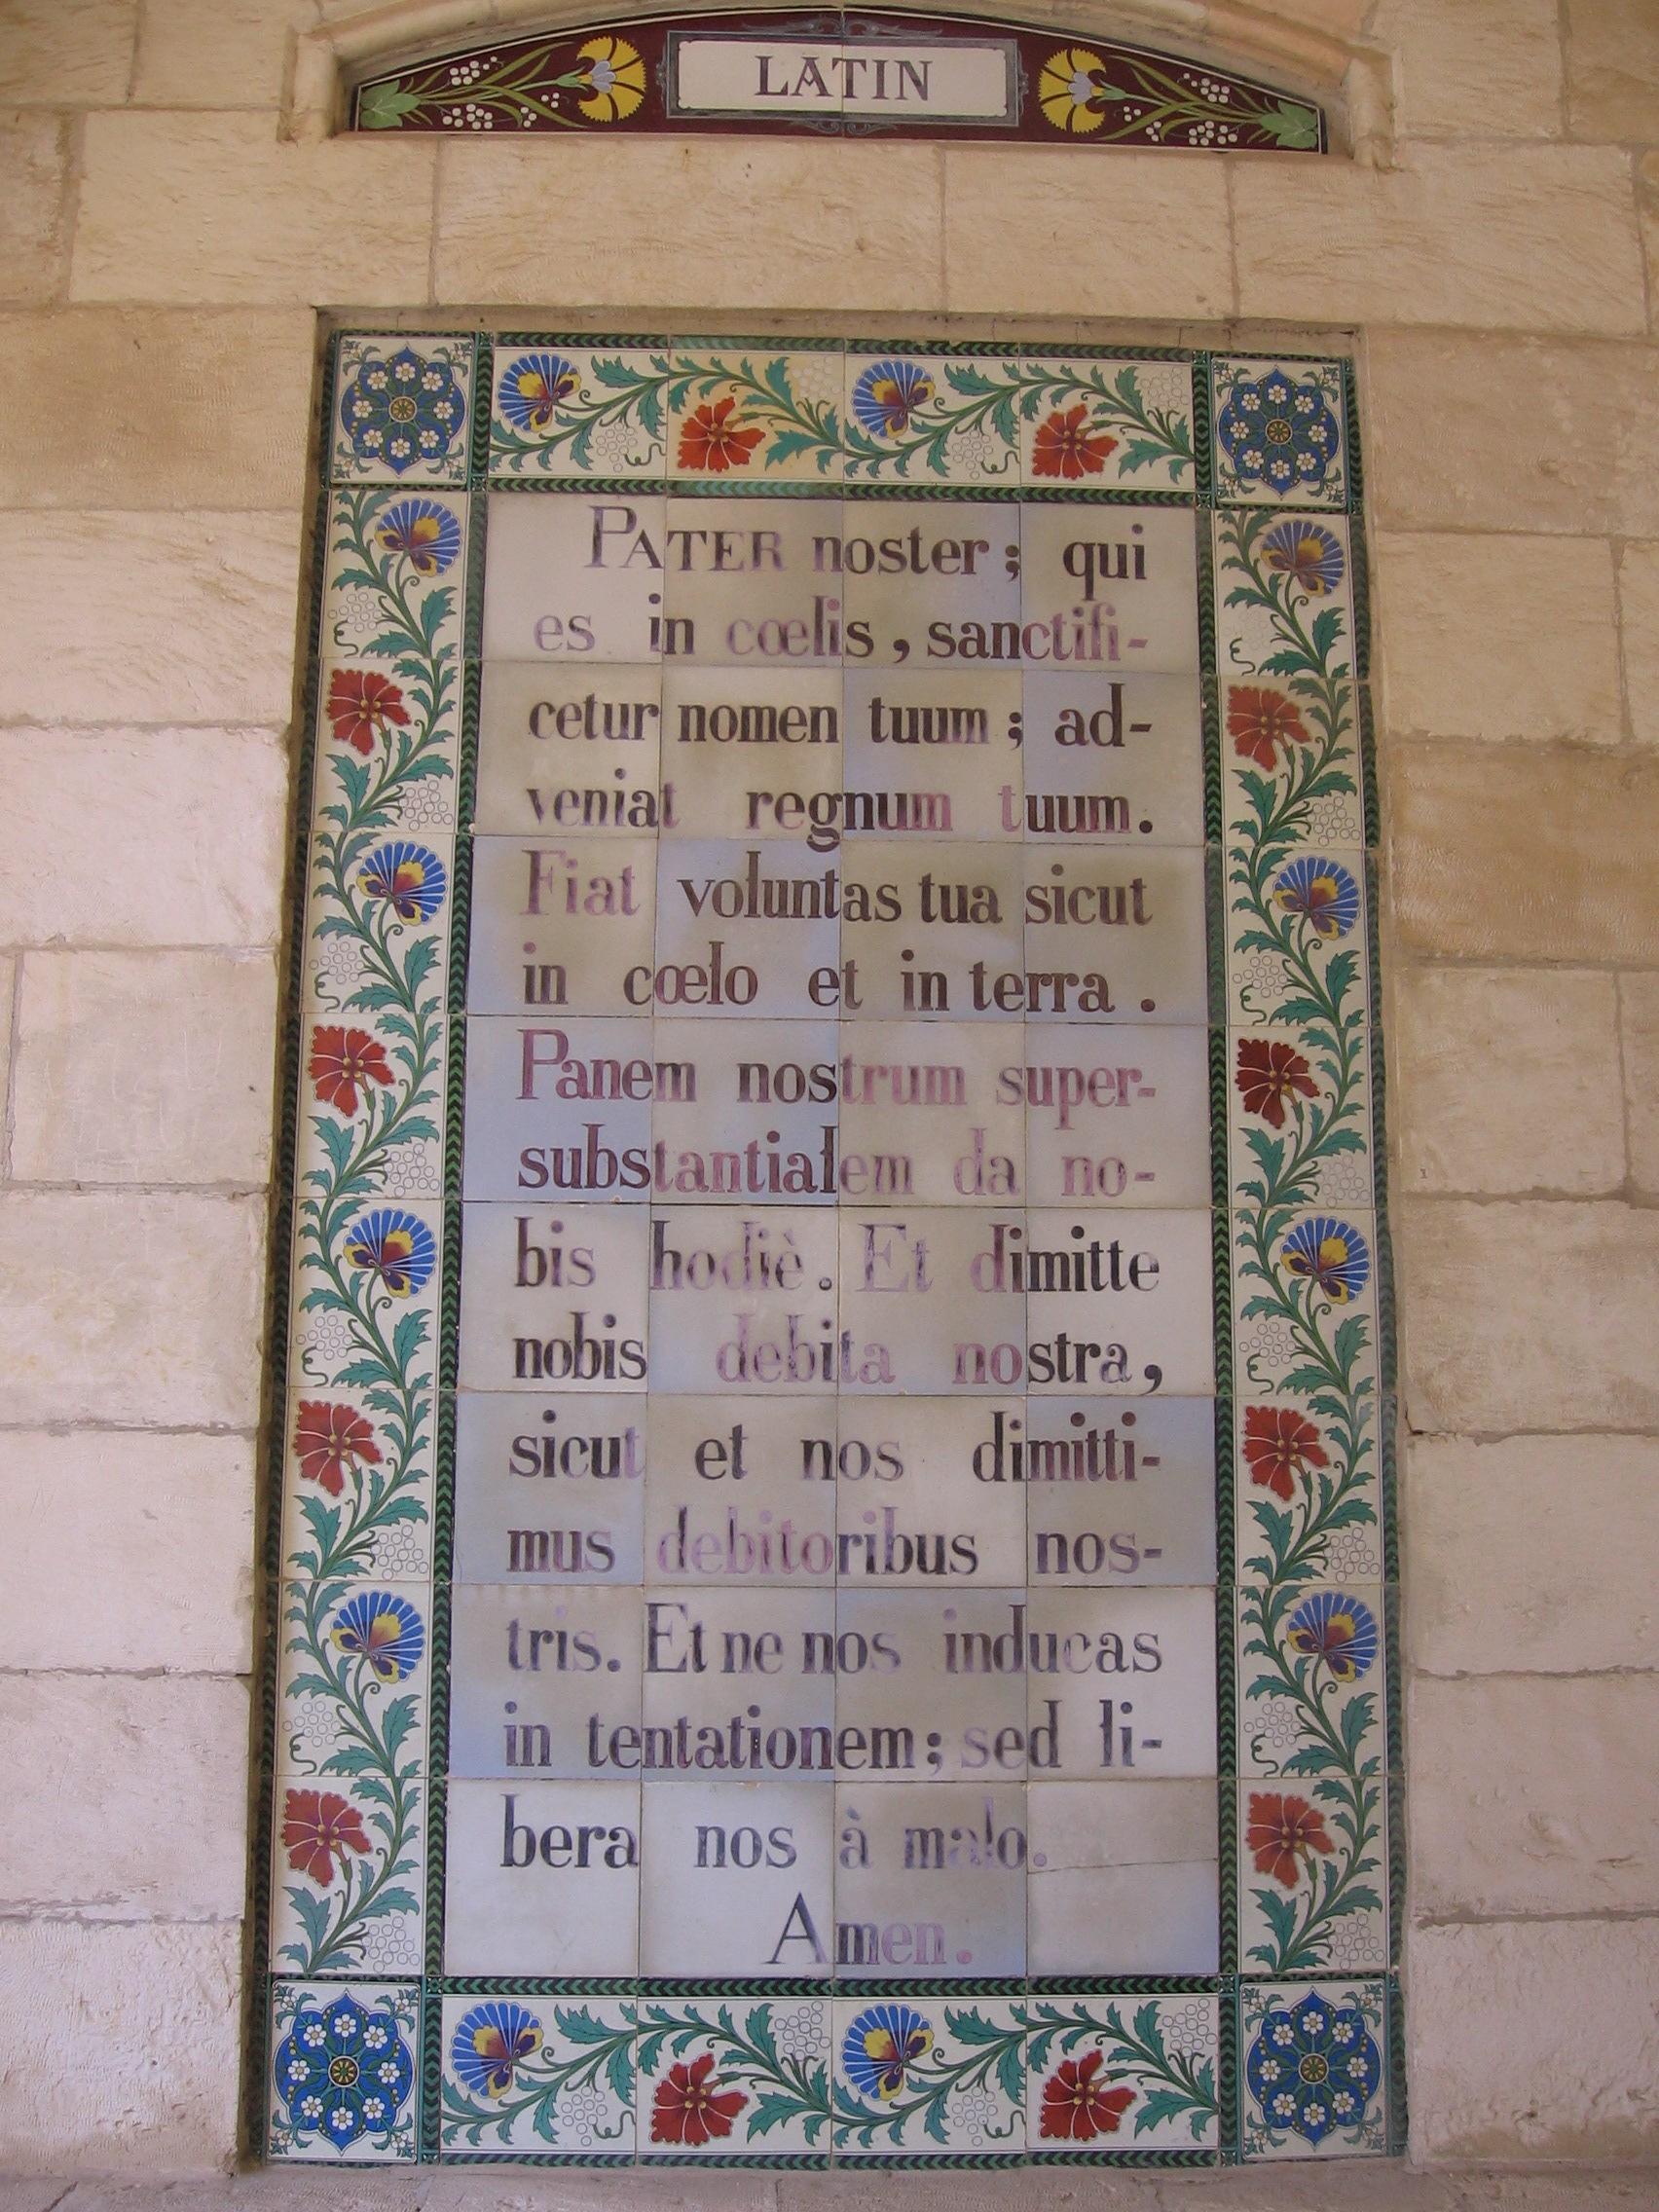 Pater noster dans immagini sacre Padre_Nostro_latino